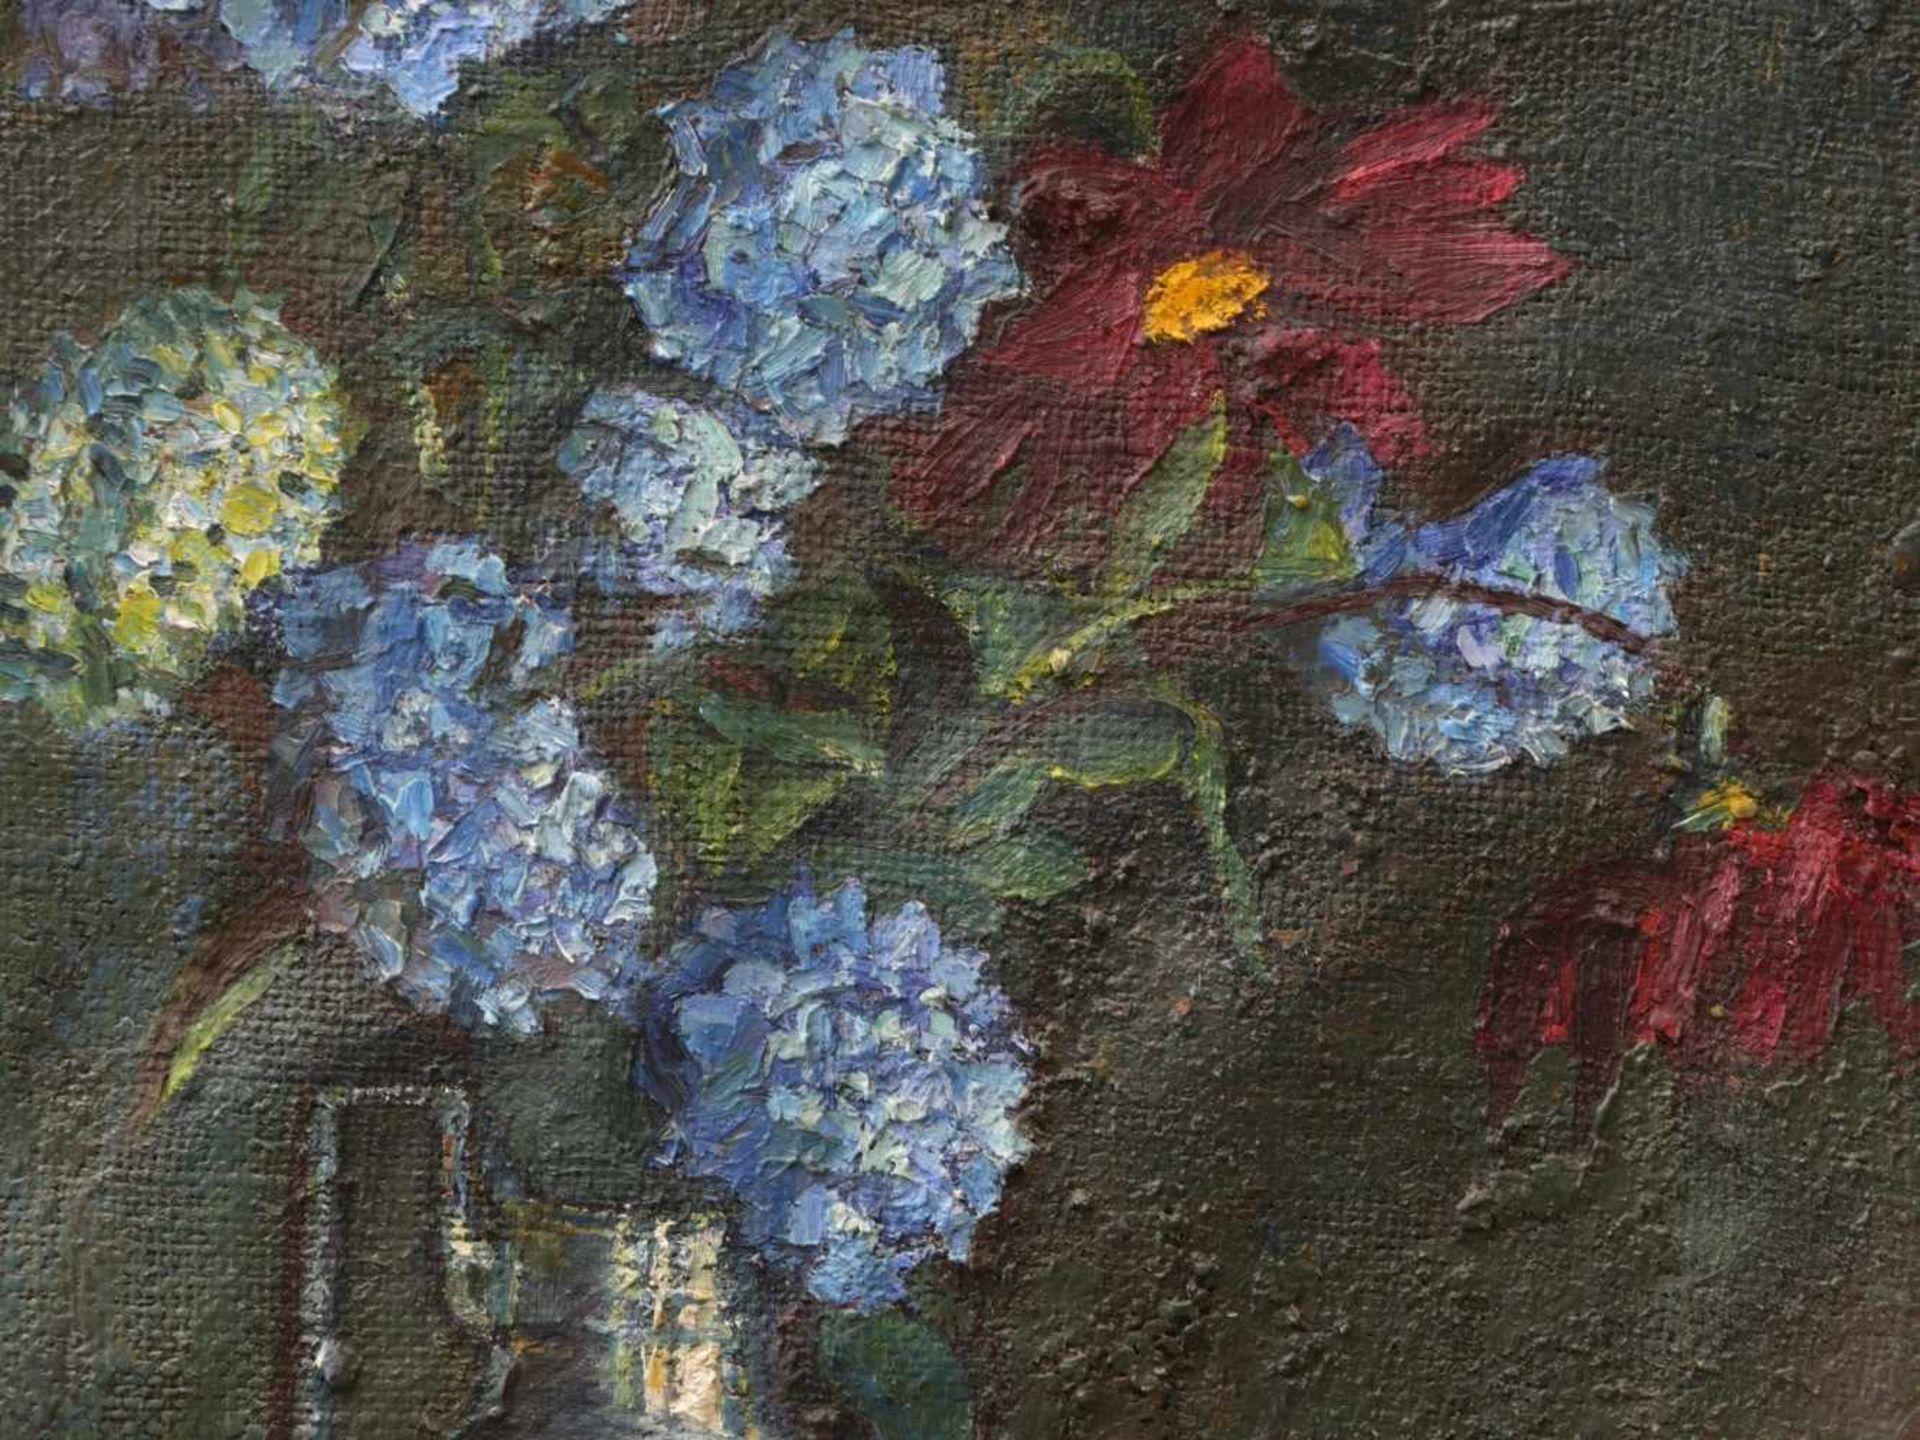 Fiala, Vaclav (1896-1980) - Stillleben mit Vase und FrüchtenAnsicht einer hohen, silbernen - Bild 3 aus 8